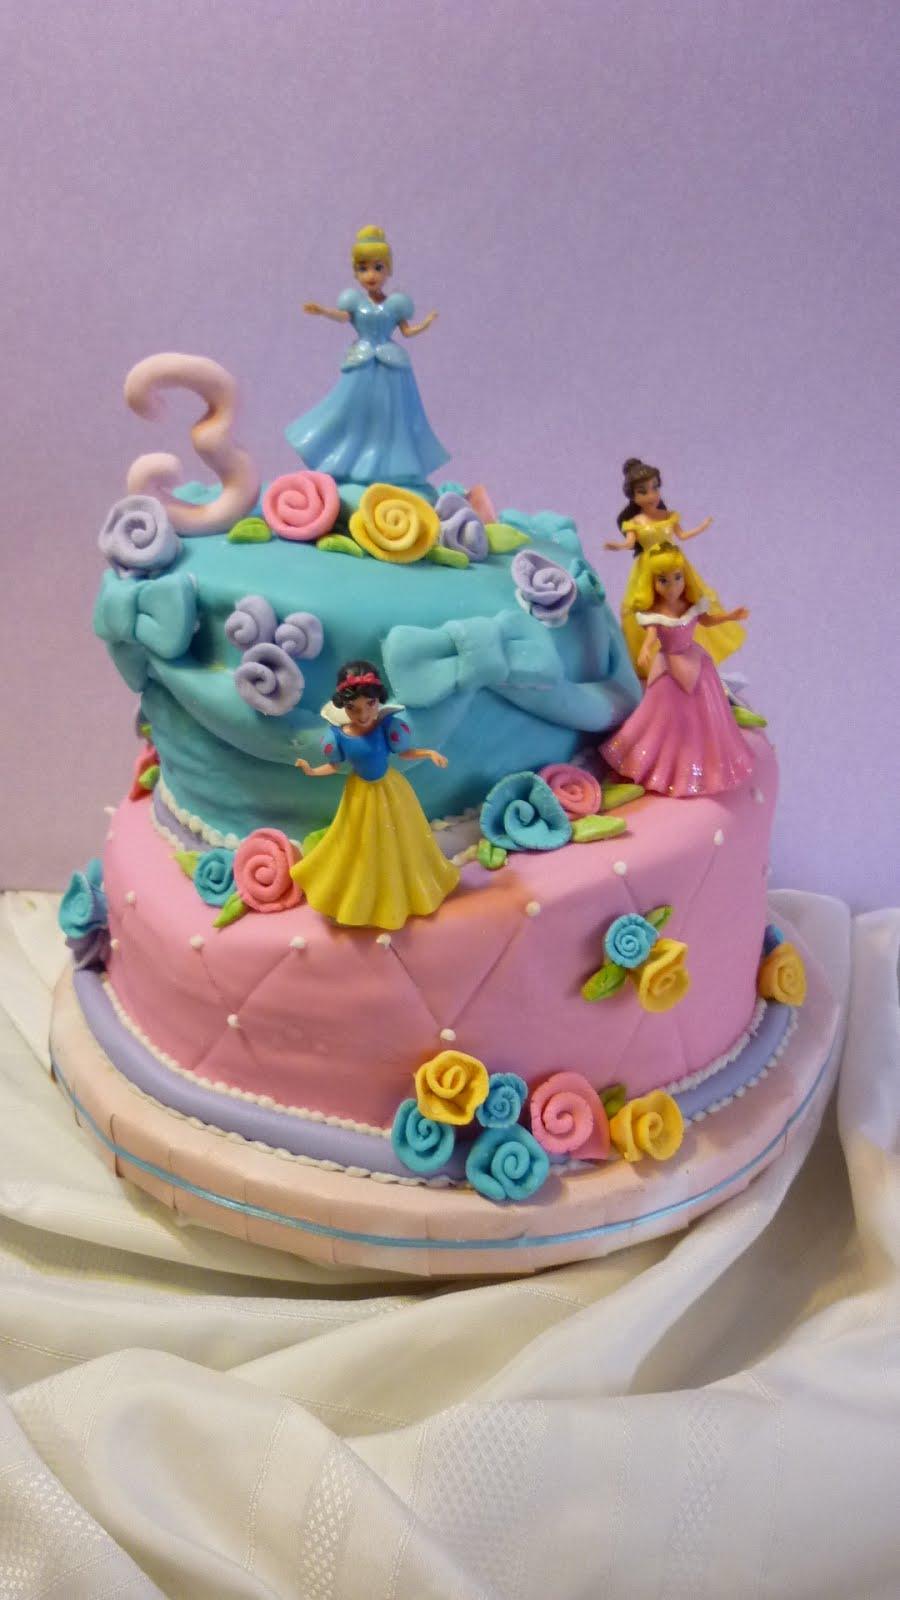 tortas artesanales arafran: tortas de cumpleaños infantiles.